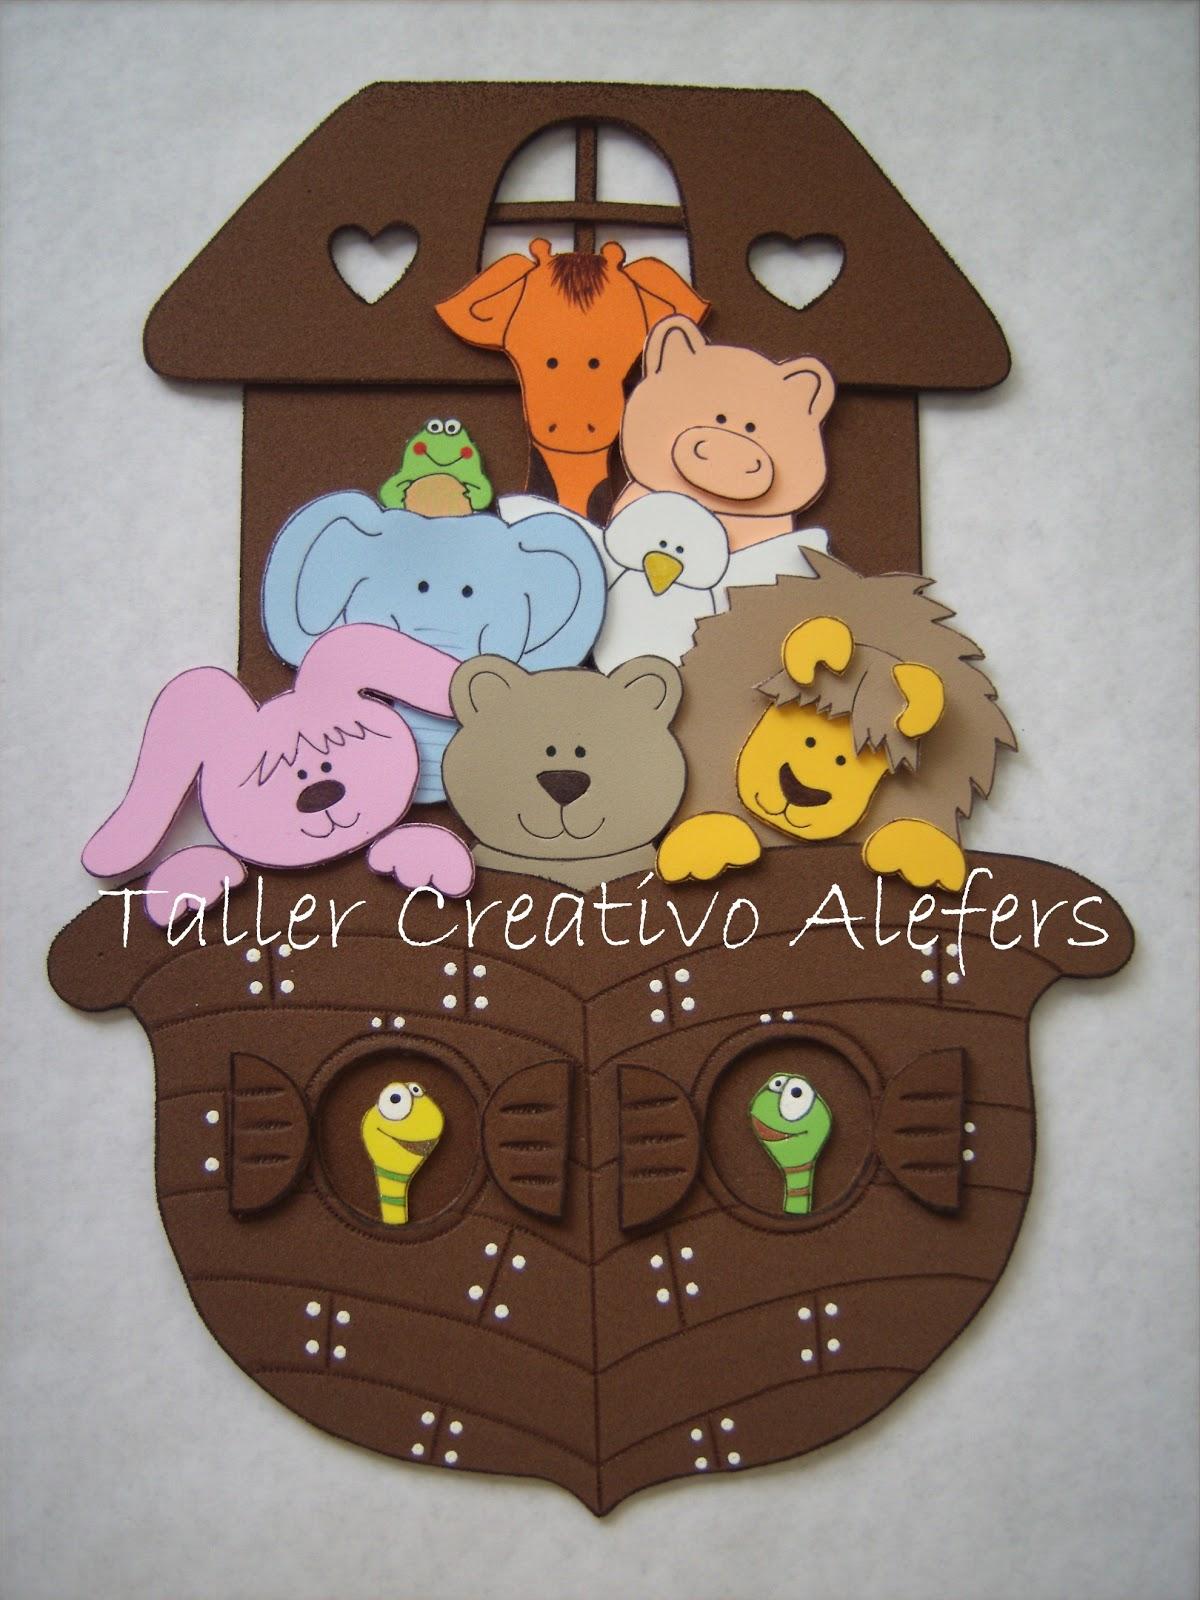 ALEFERS TALLER CREATIVO.: ARCA DE NOE